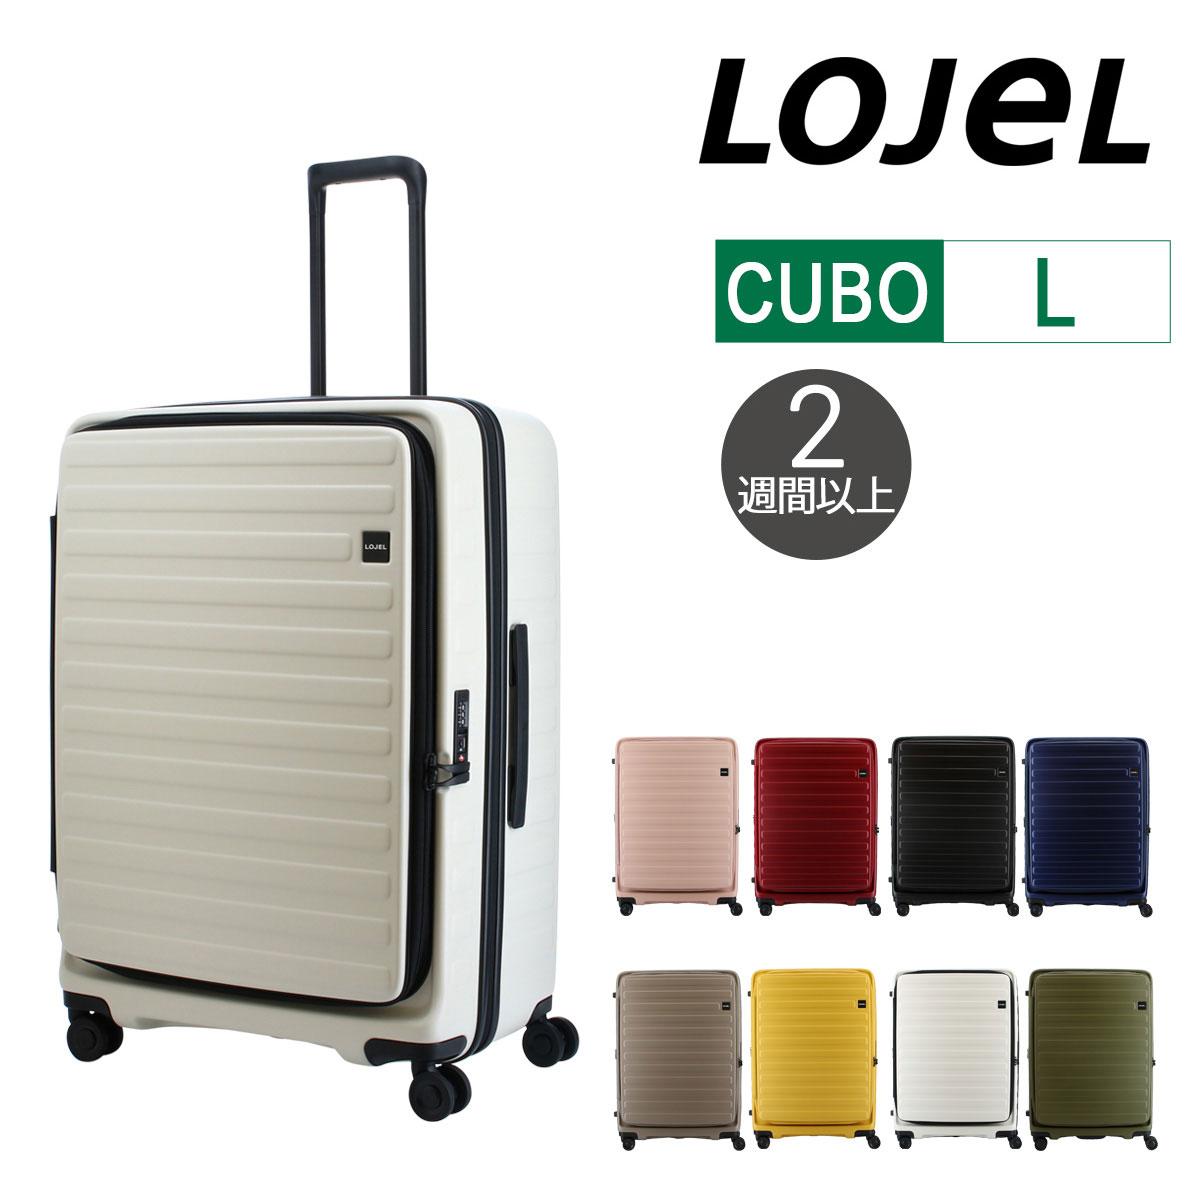 ロジェール スーツケース CUBO-L|100L/110L 71cm 4.9kg Lサイズ|フロントオープン 拡張 ハード ファスナー TSAロック搭載 おしゃれ キャリーケース ビジネスキャリー [PO5][bef][即日発送]